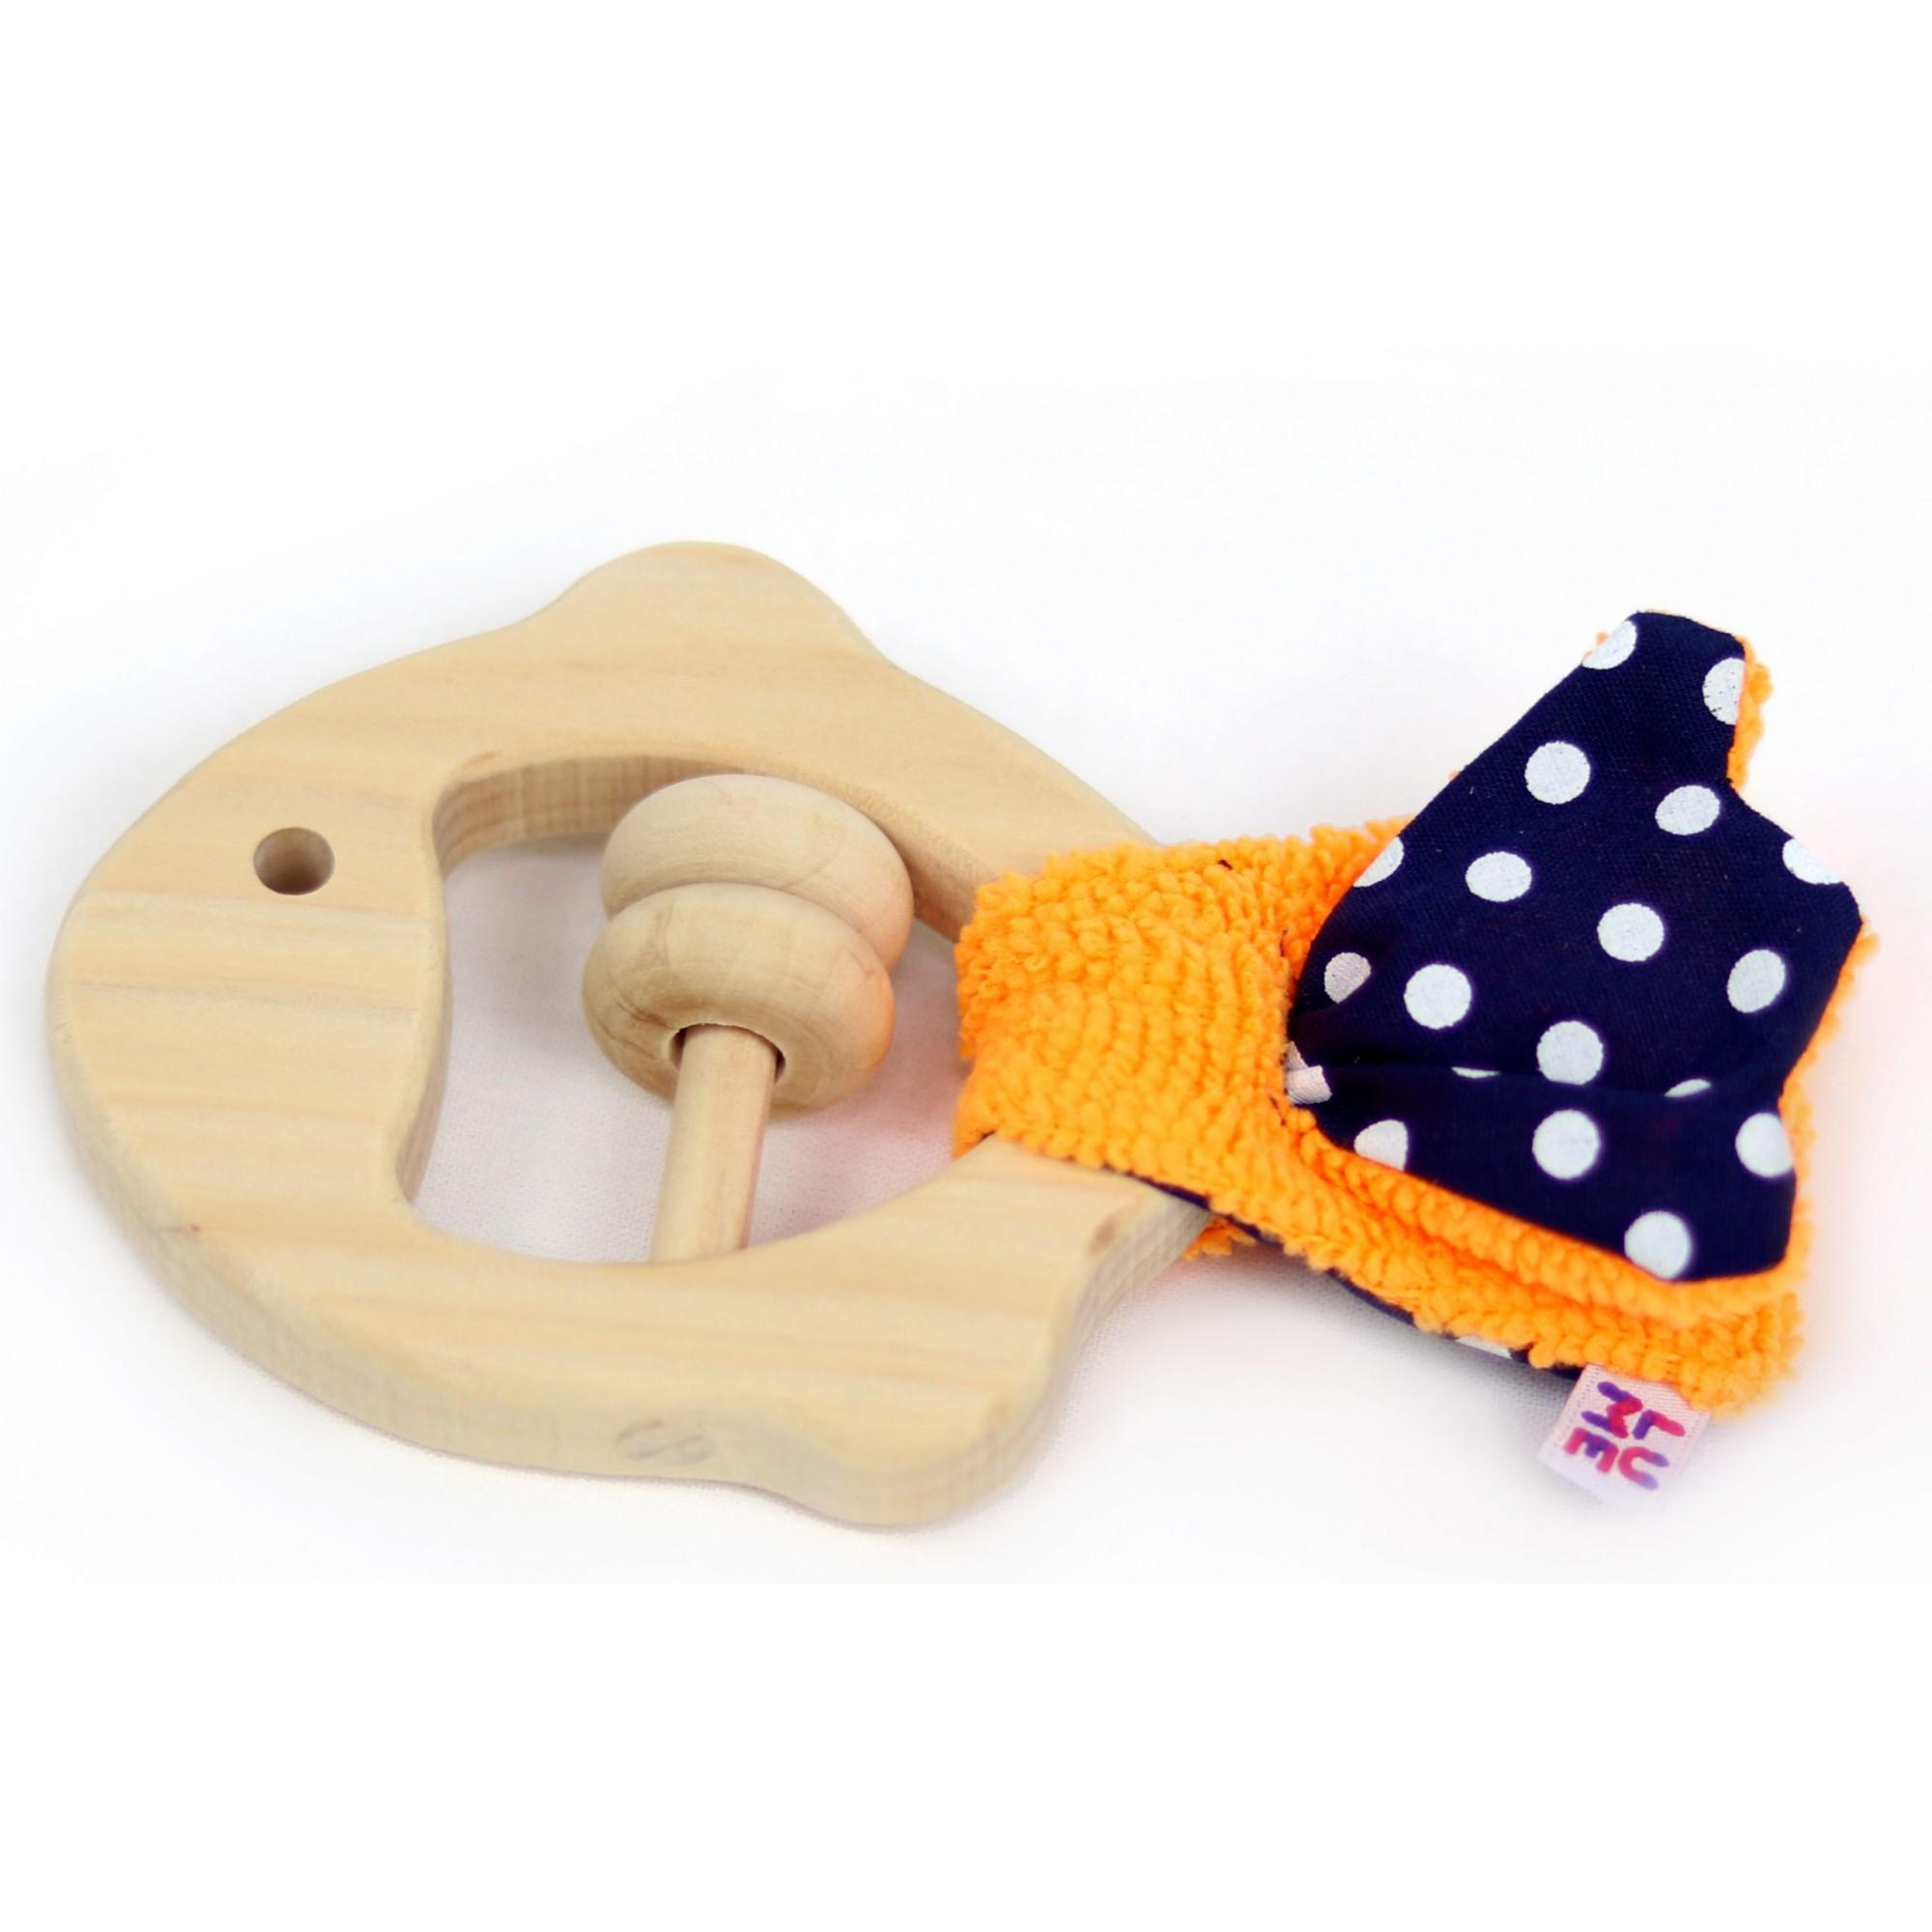 Brinquedo Sensorial Peixe Chocaho de Madeira